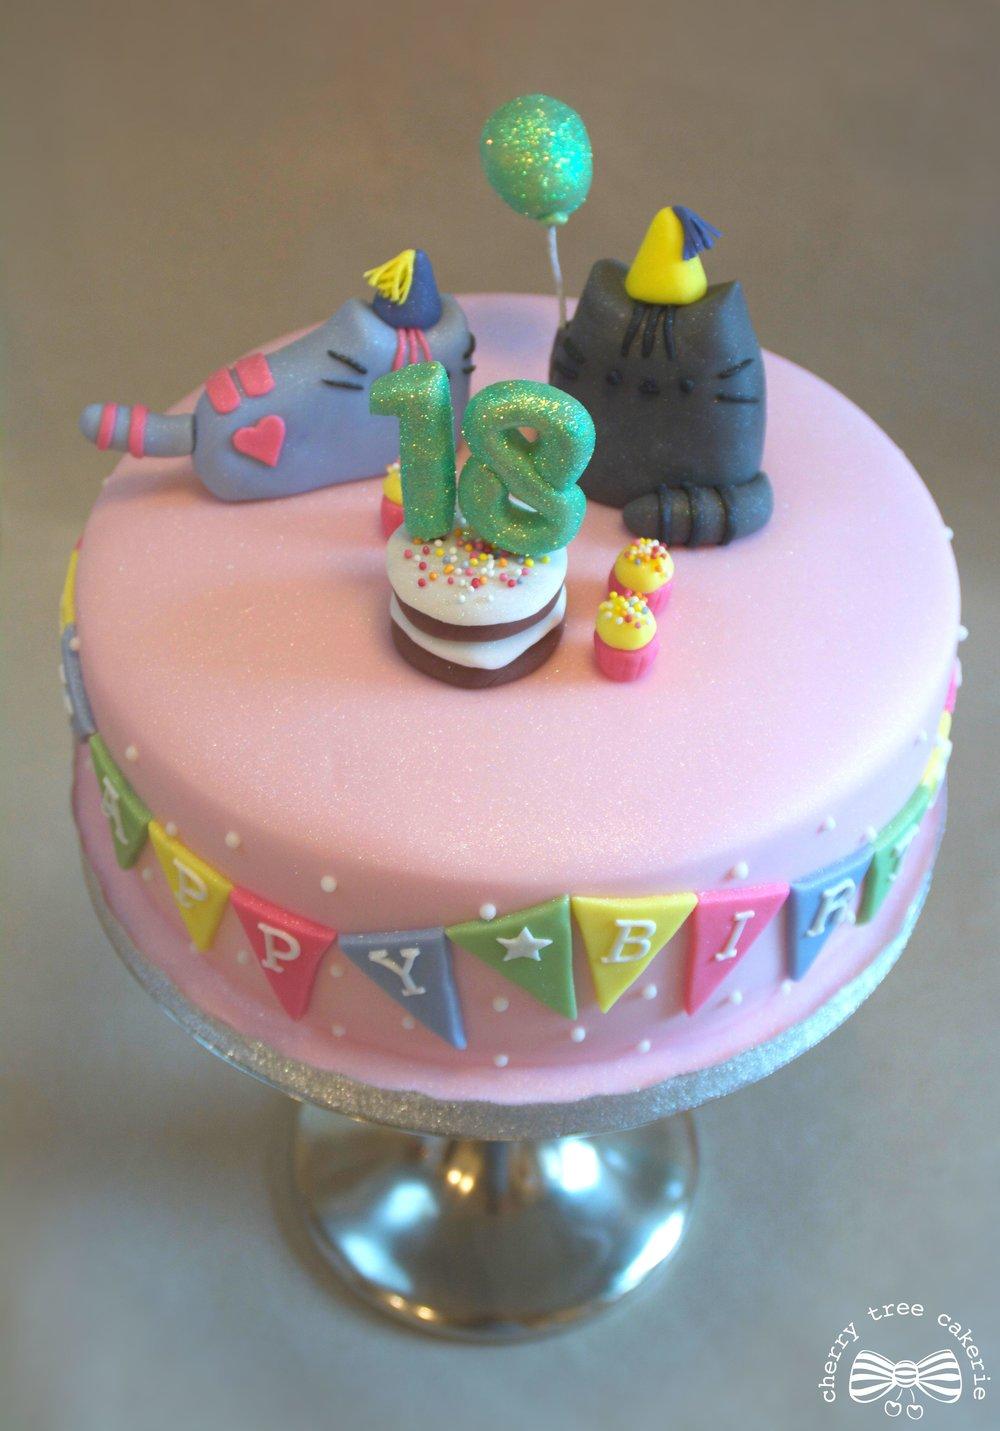 pusheen-cat-birthday-cake